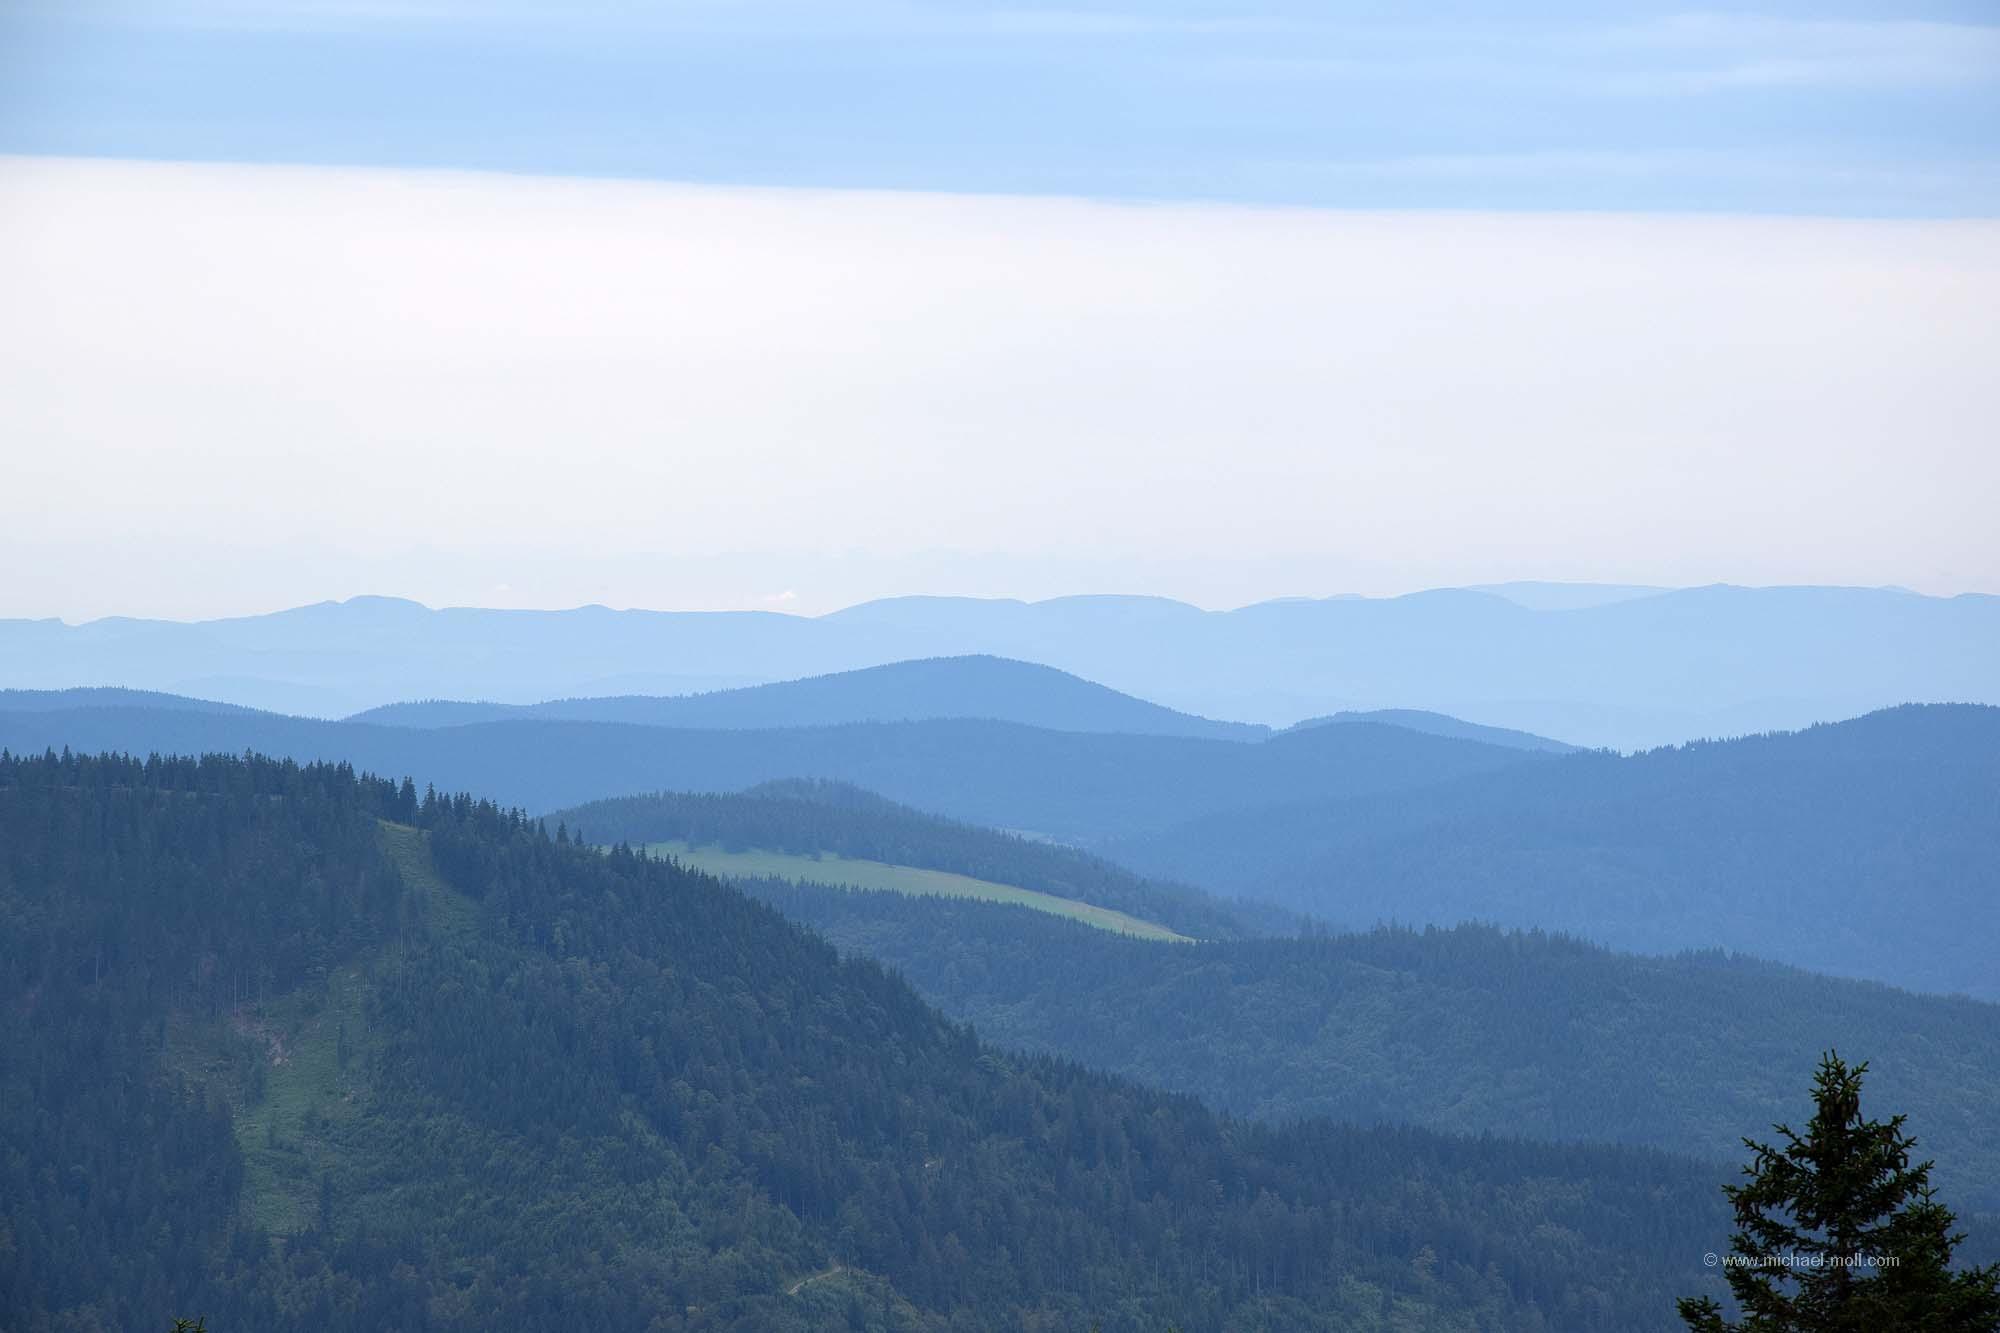 Im Originalbild sind die Alpen zu erkennen